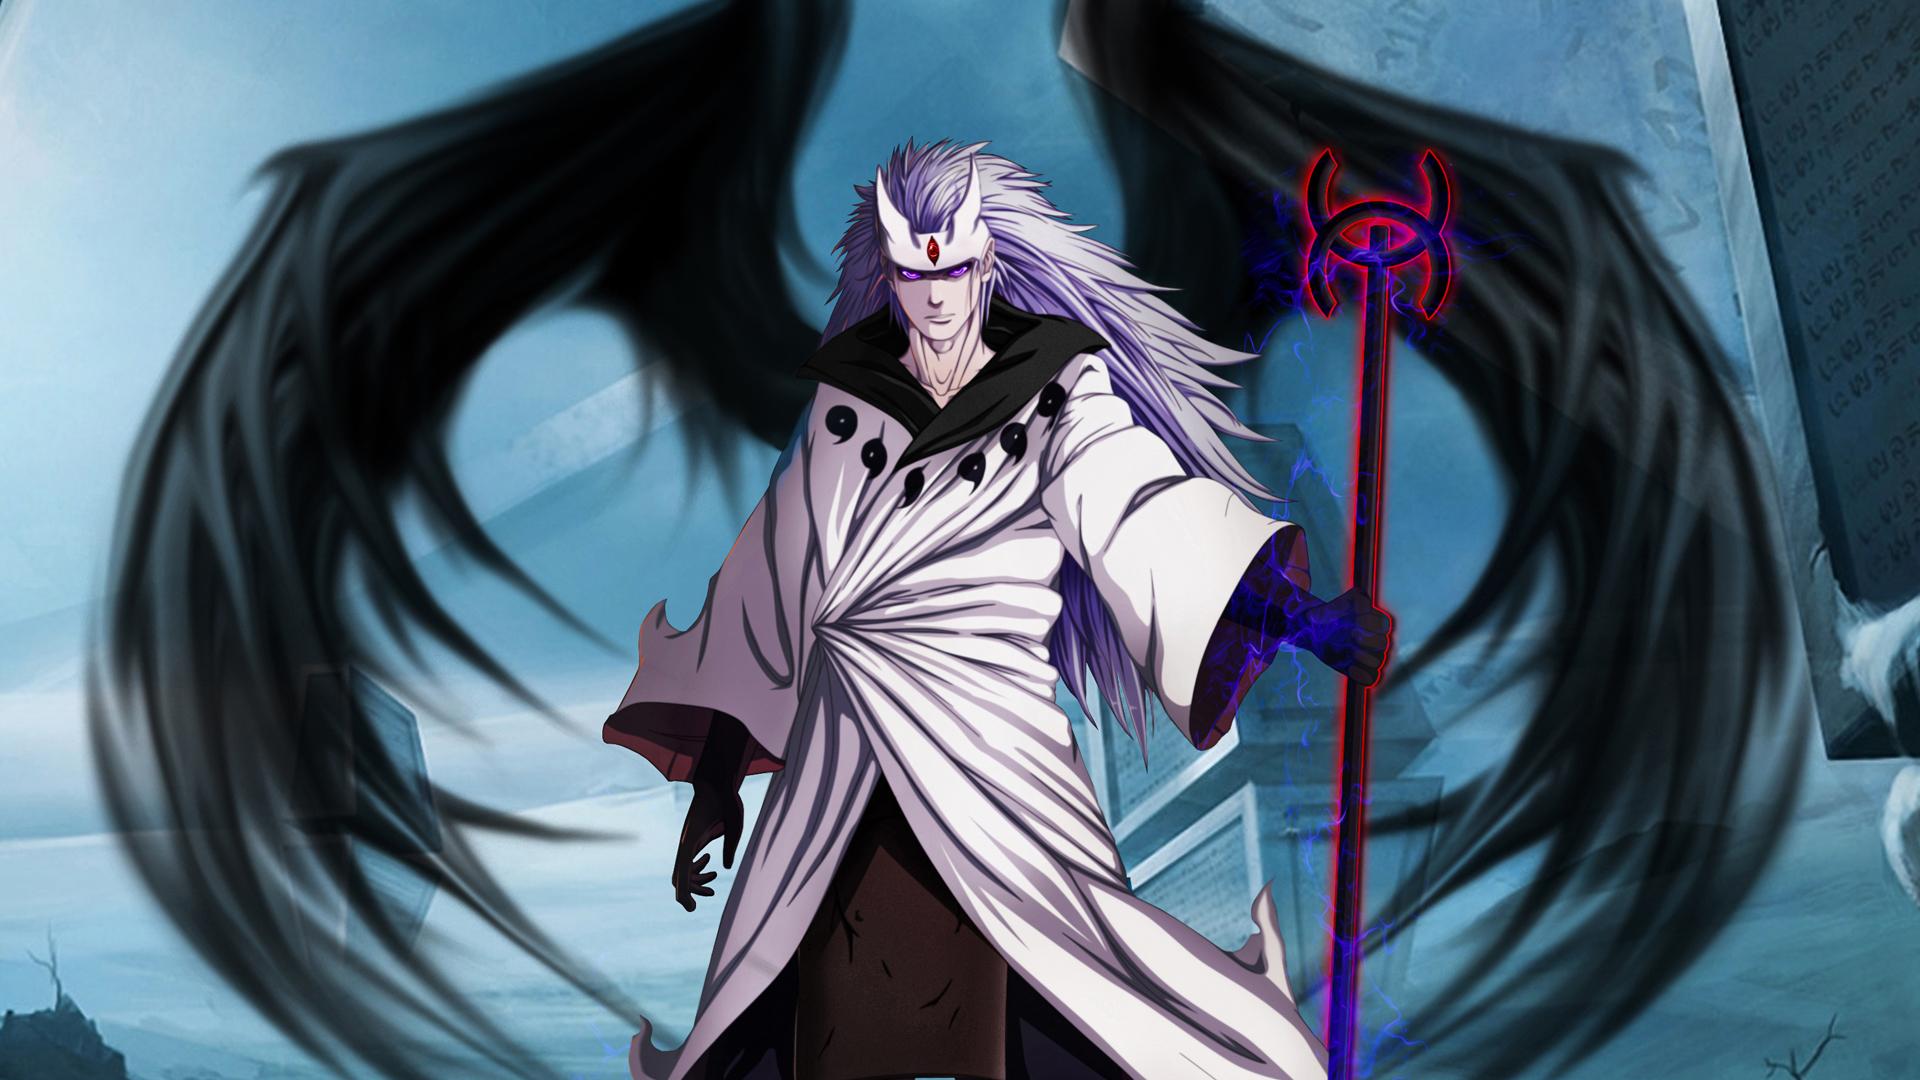 Uchiha Madara jinchuuriki wings anime character HD 1920x1080 1080p 1920x1080